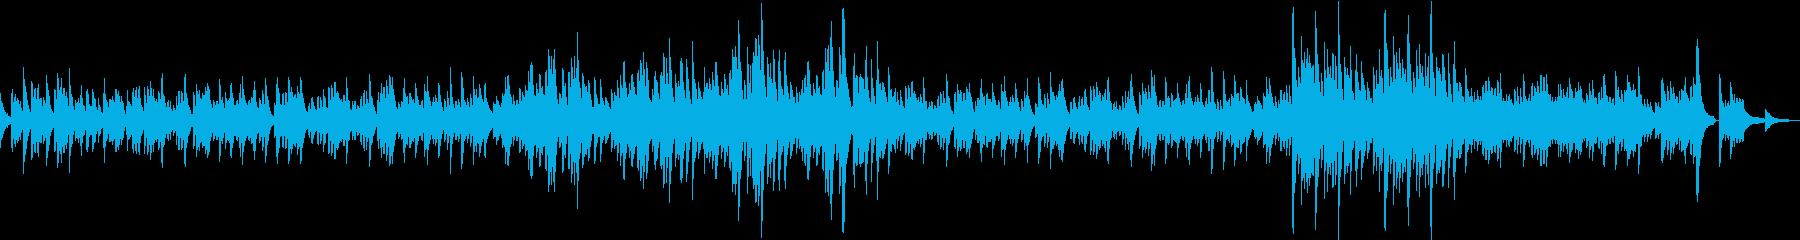 ピアノソロのセレモニー曲の再生済みの波形